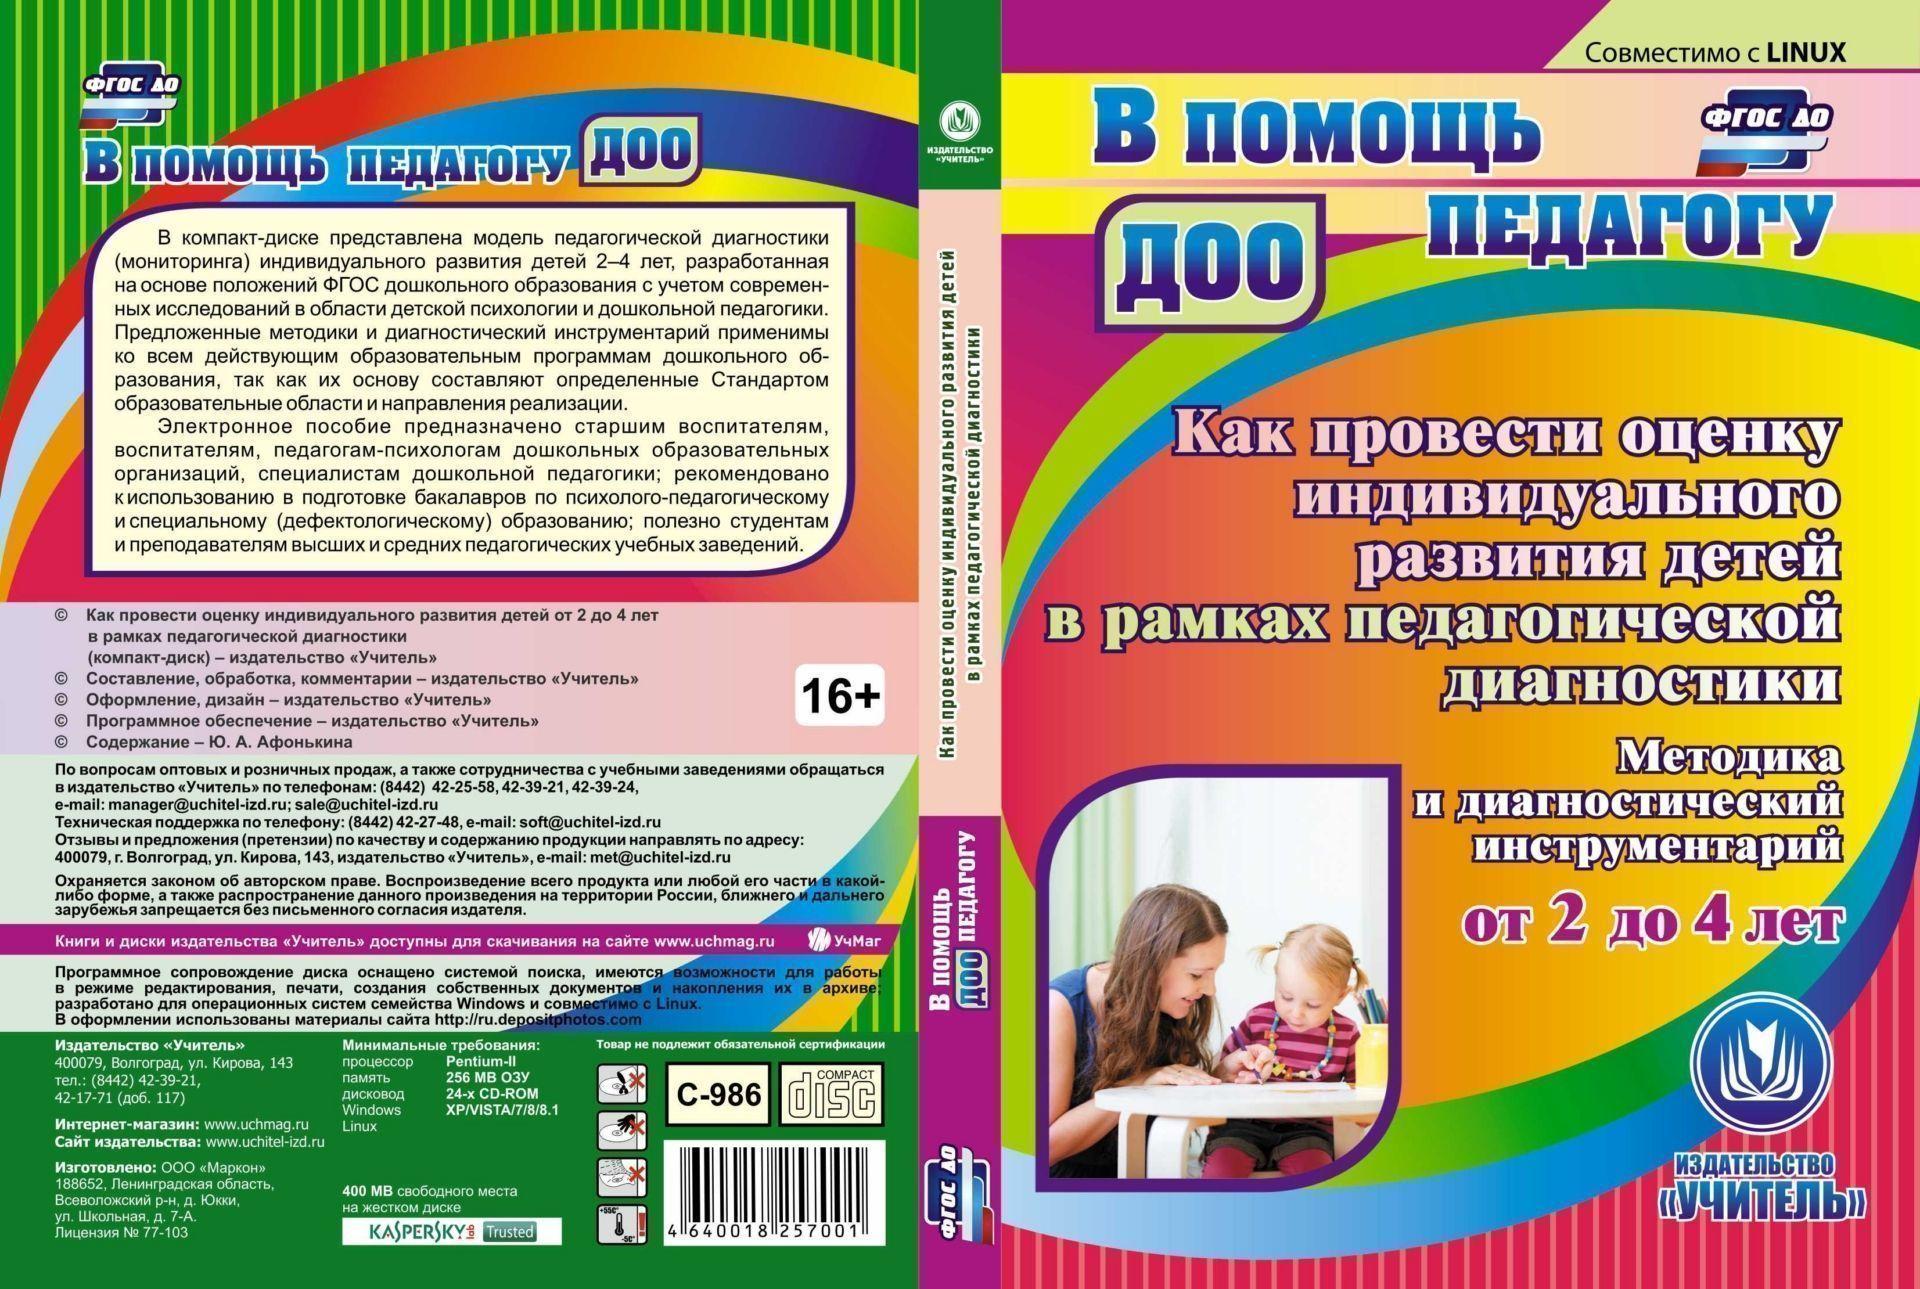 Как провести оценку индивидуального развития детей от 2 до 4 лет в рамках педагогической диагностики. Компакт-диск для компьютера: Методика и диагностический инструментарий